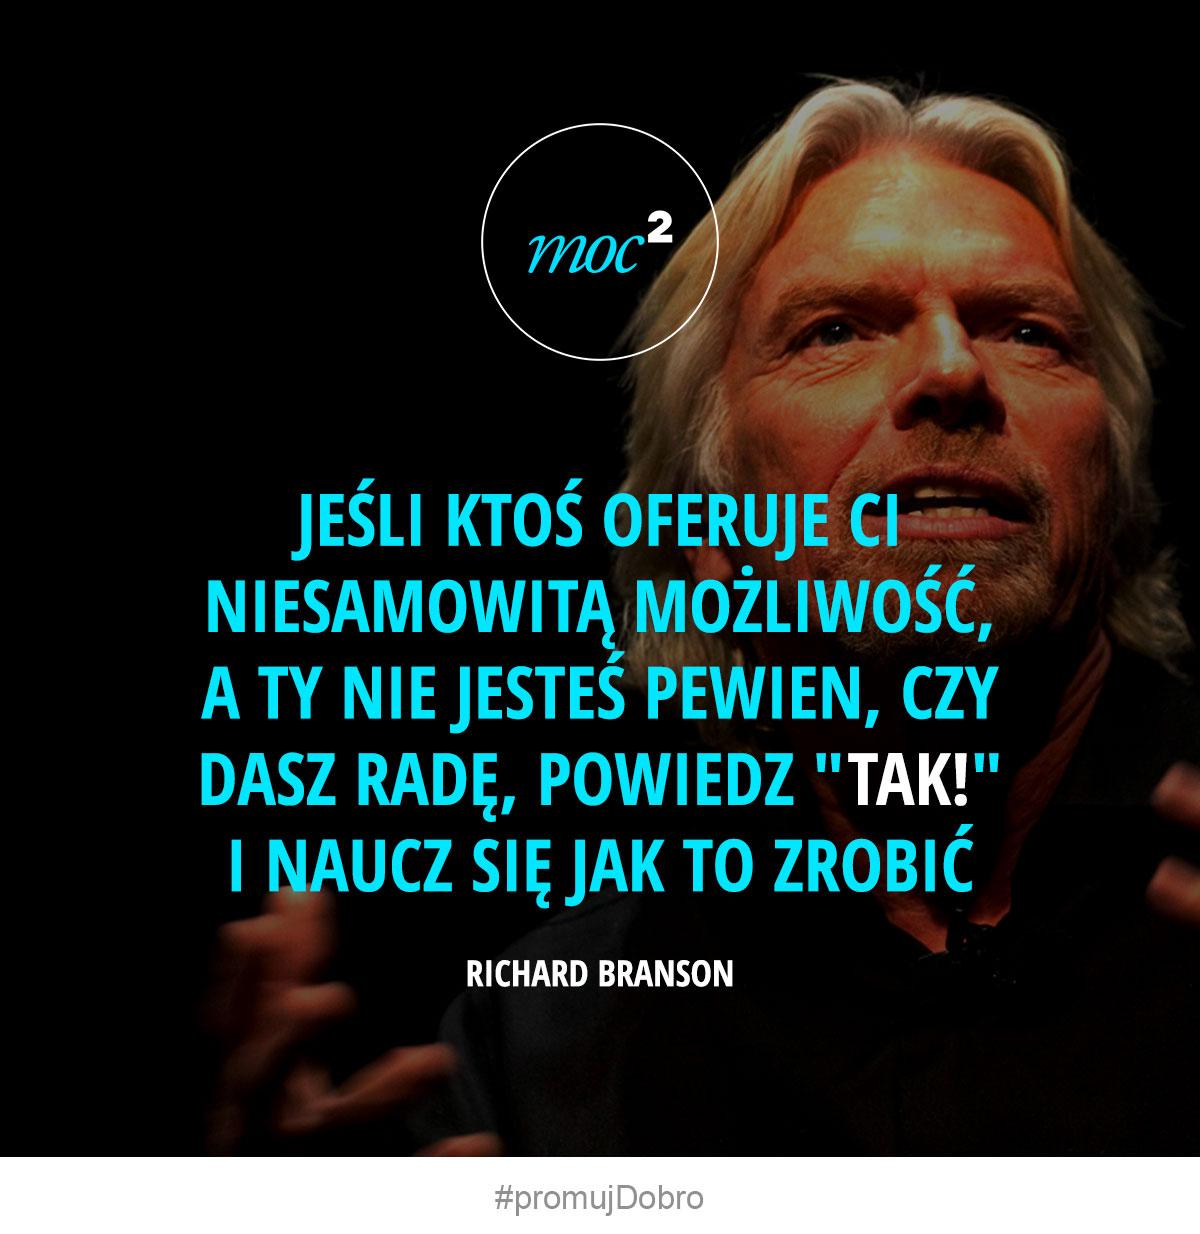 """Jeśli ktoś oferuje Ci niesamowitą możliwość, a ty nie jesteś pewien, czy dasz radę, powiedz """"TAK!"""" i naucz się jak to zrobić. - Richard Branson"""